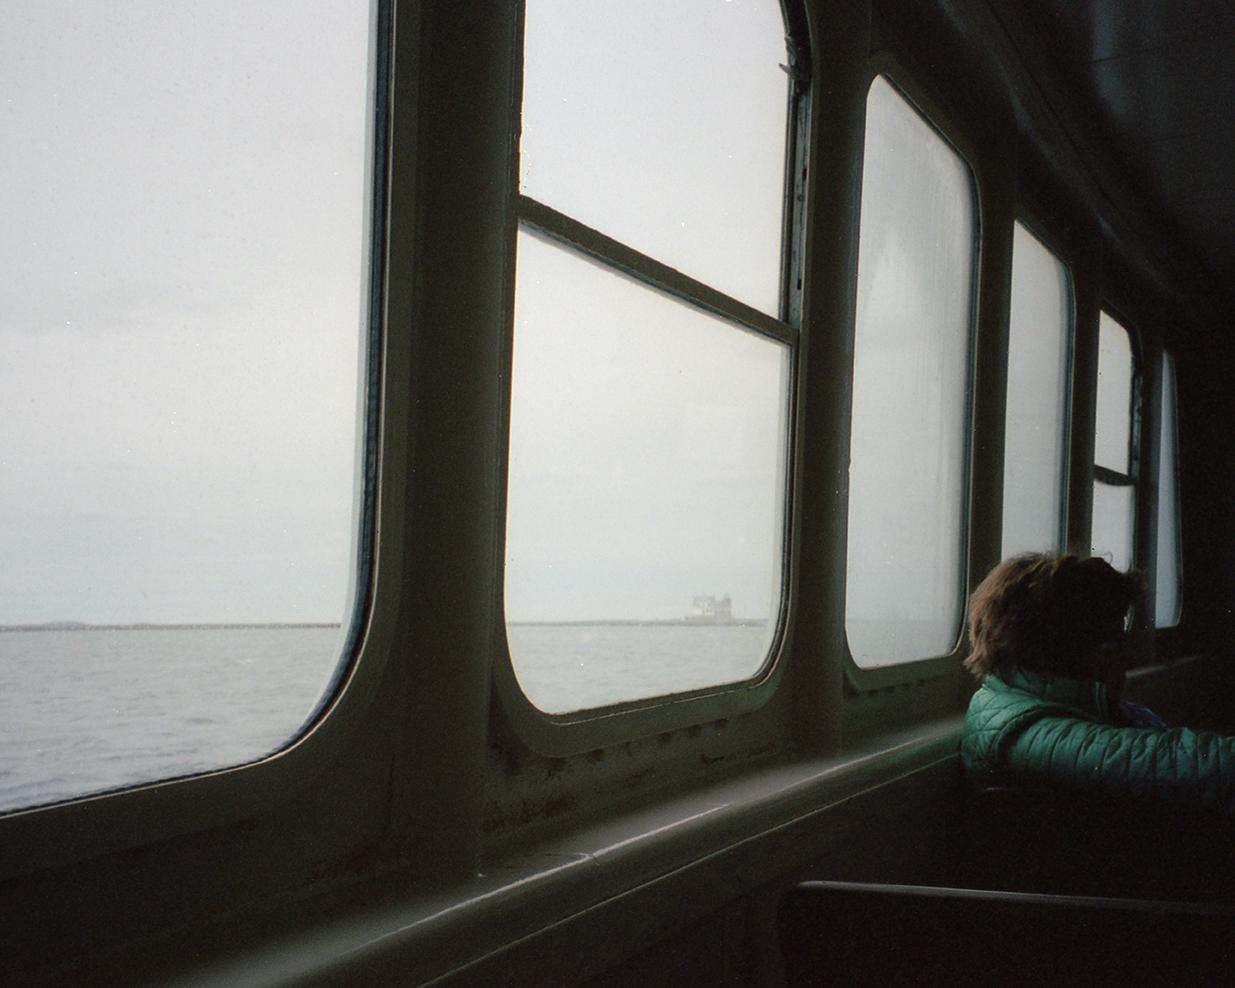 Vinalhaven, ME